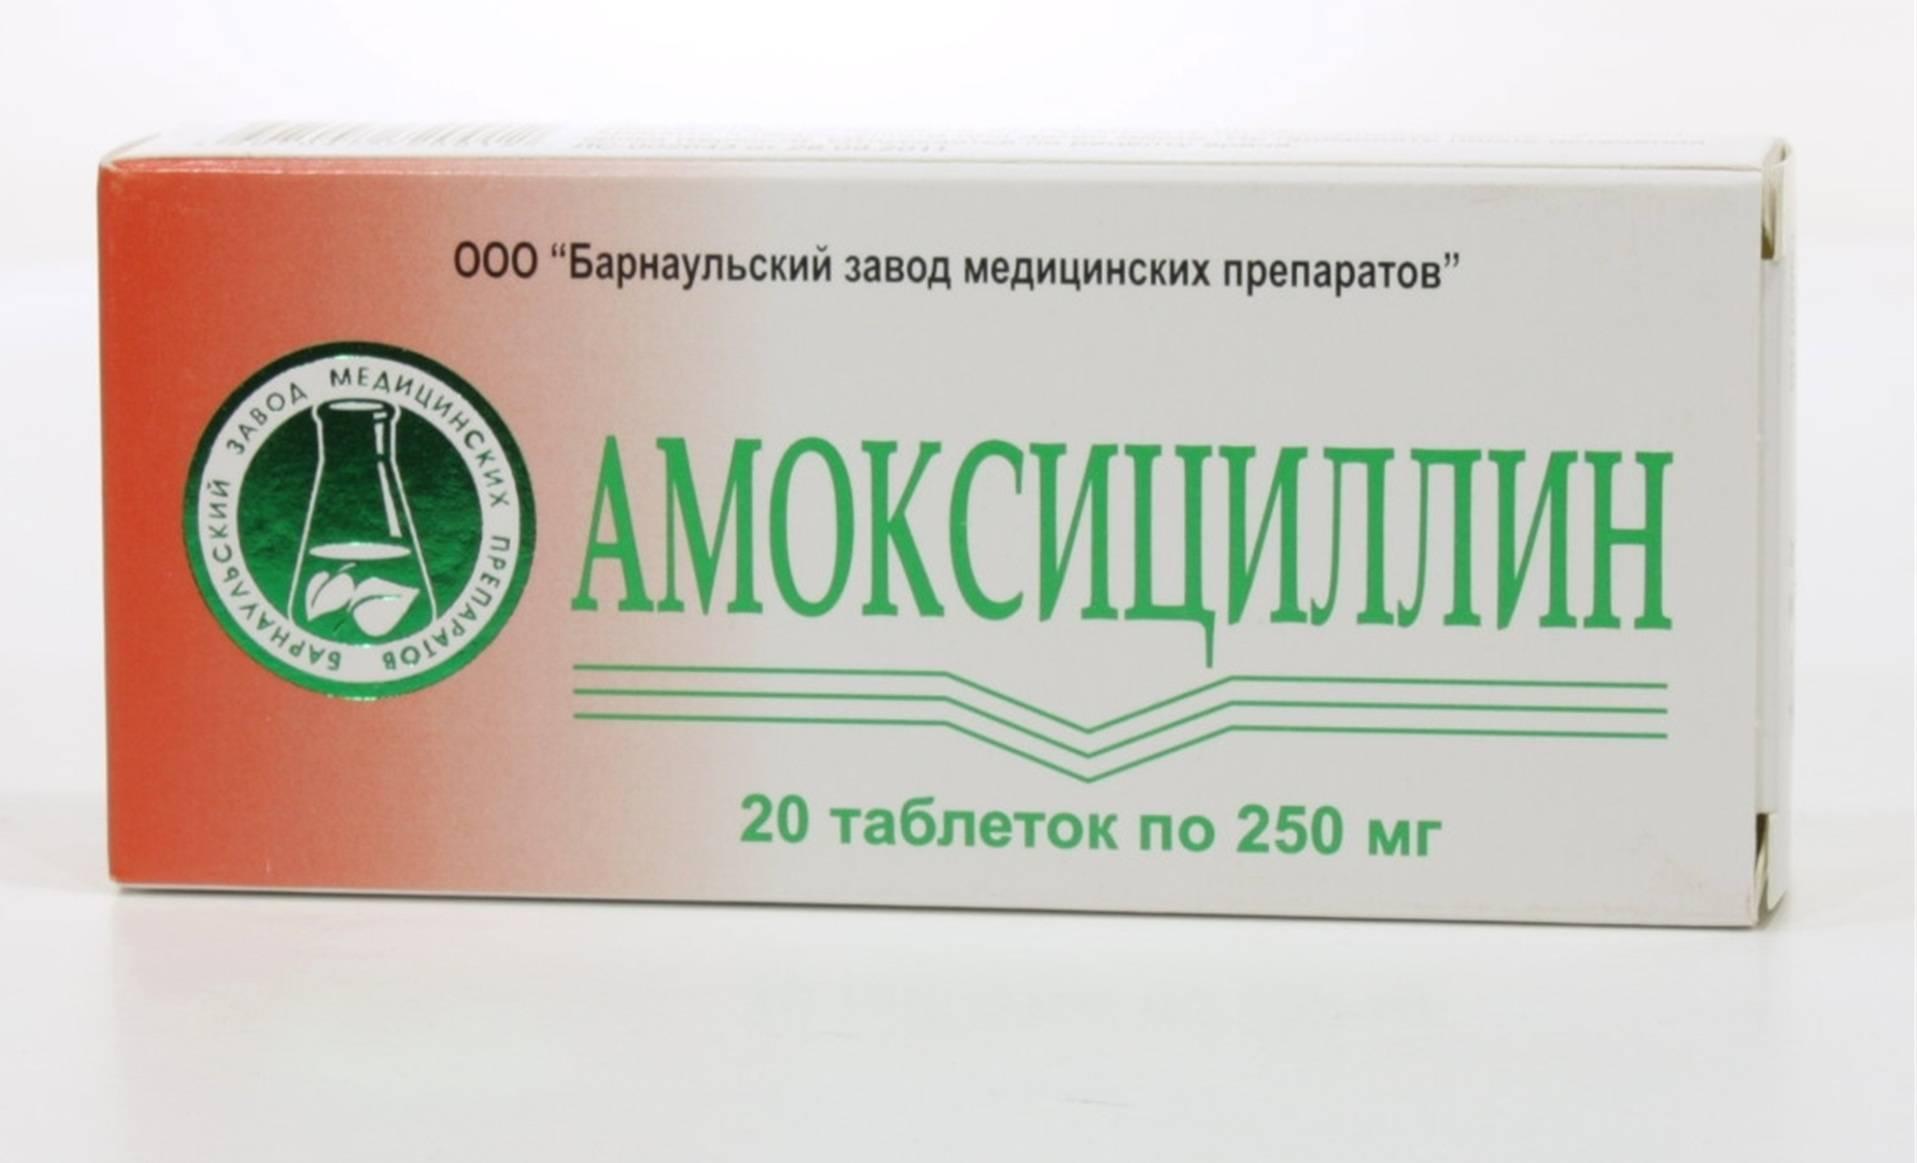 Антибиотики, применяемые в гинекологии. для чего используют амоксициллин в гинекологии